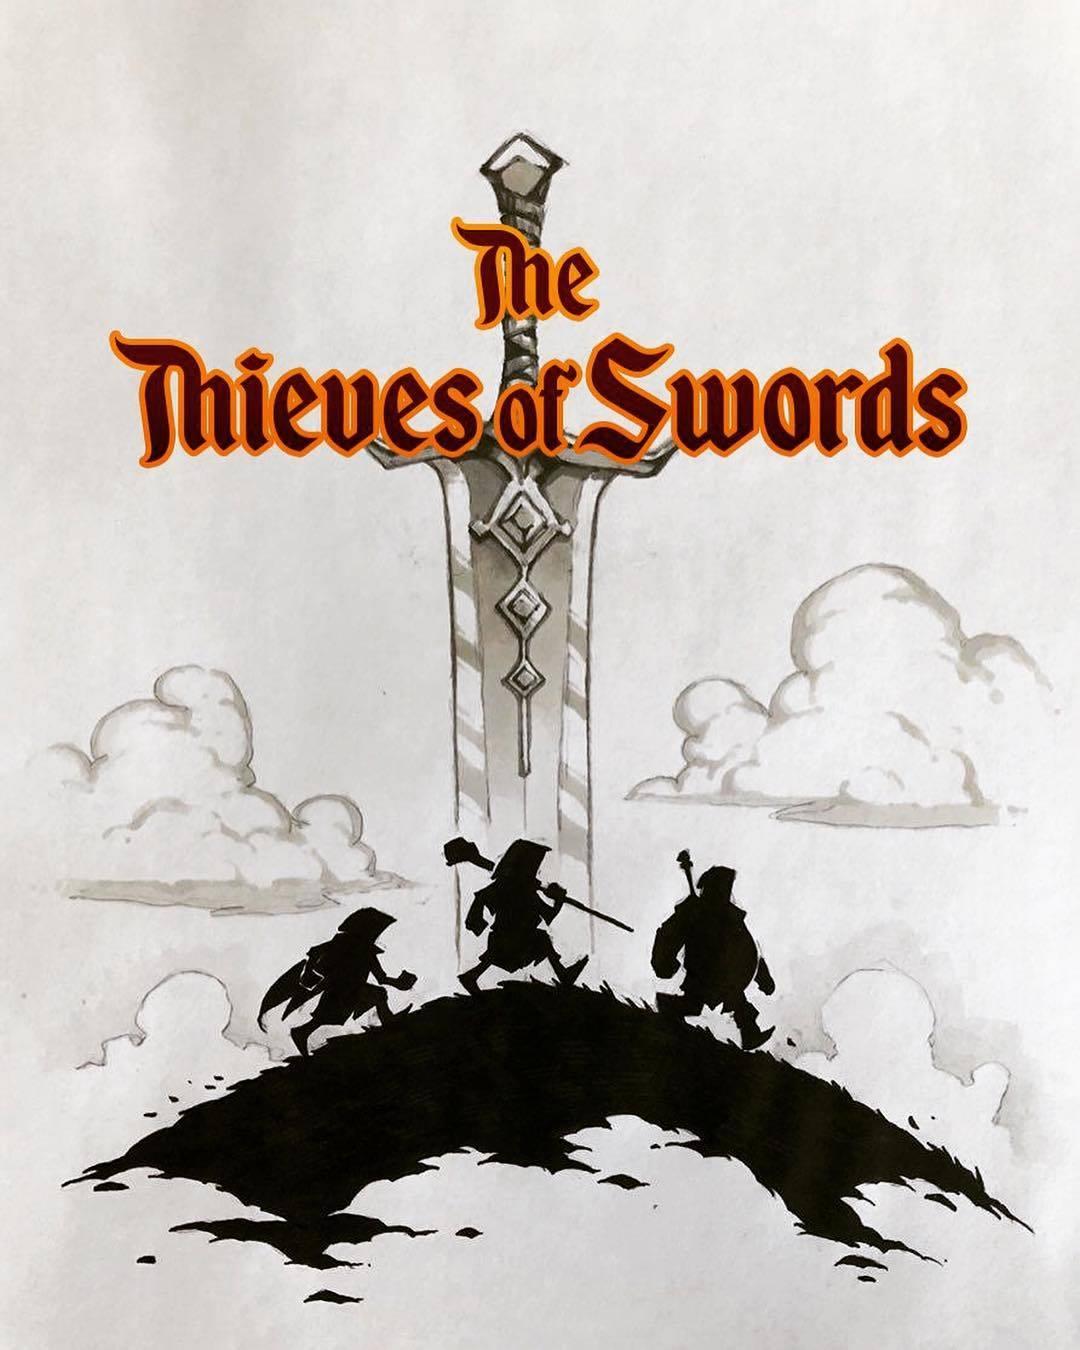 Похитители мечей. - Изображение 1